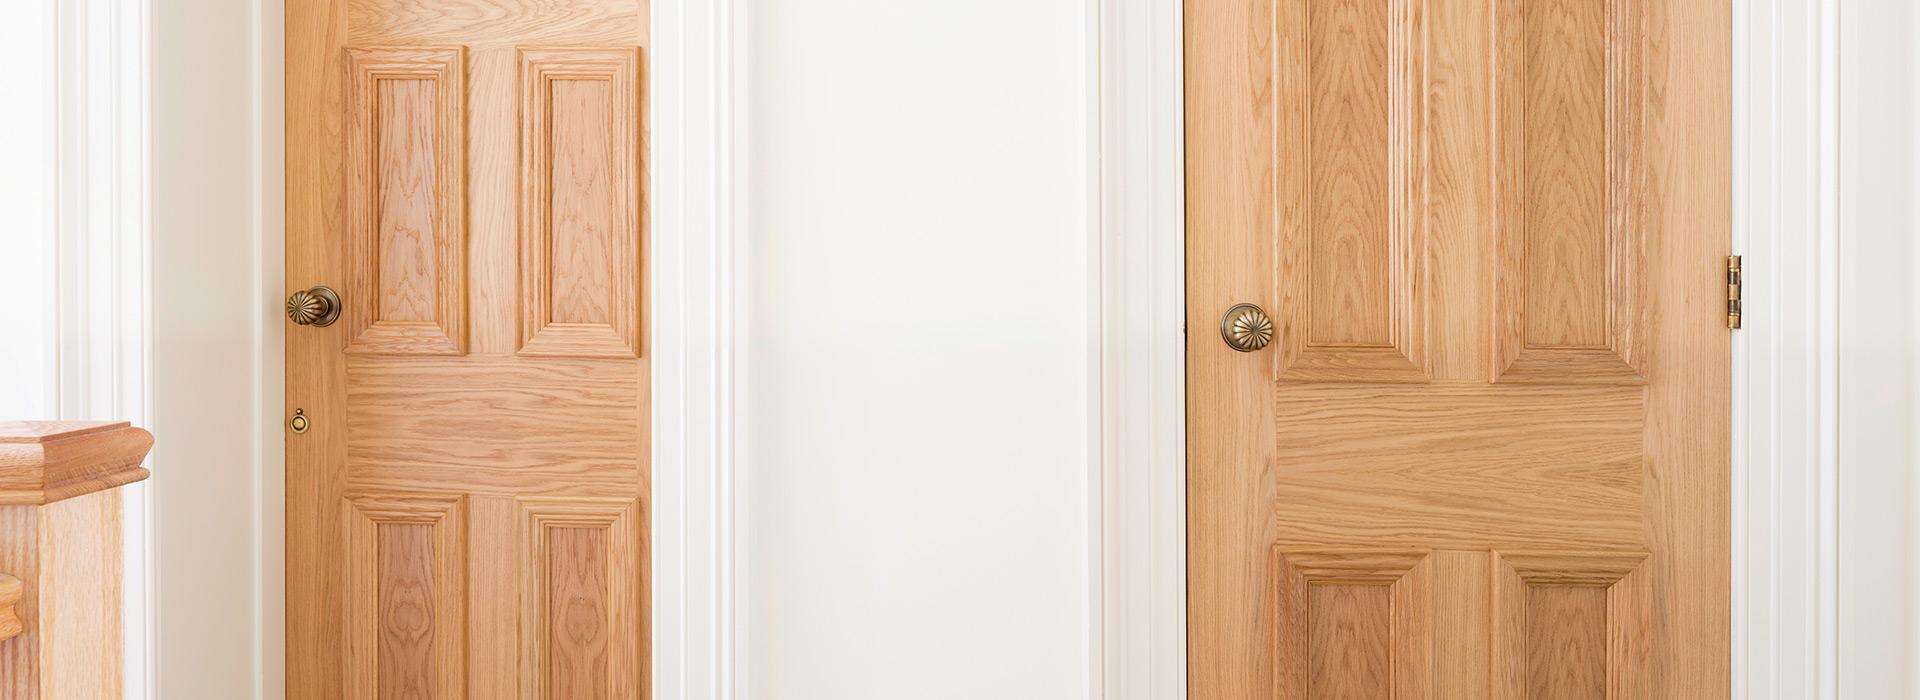 Kensington 6 panel doors